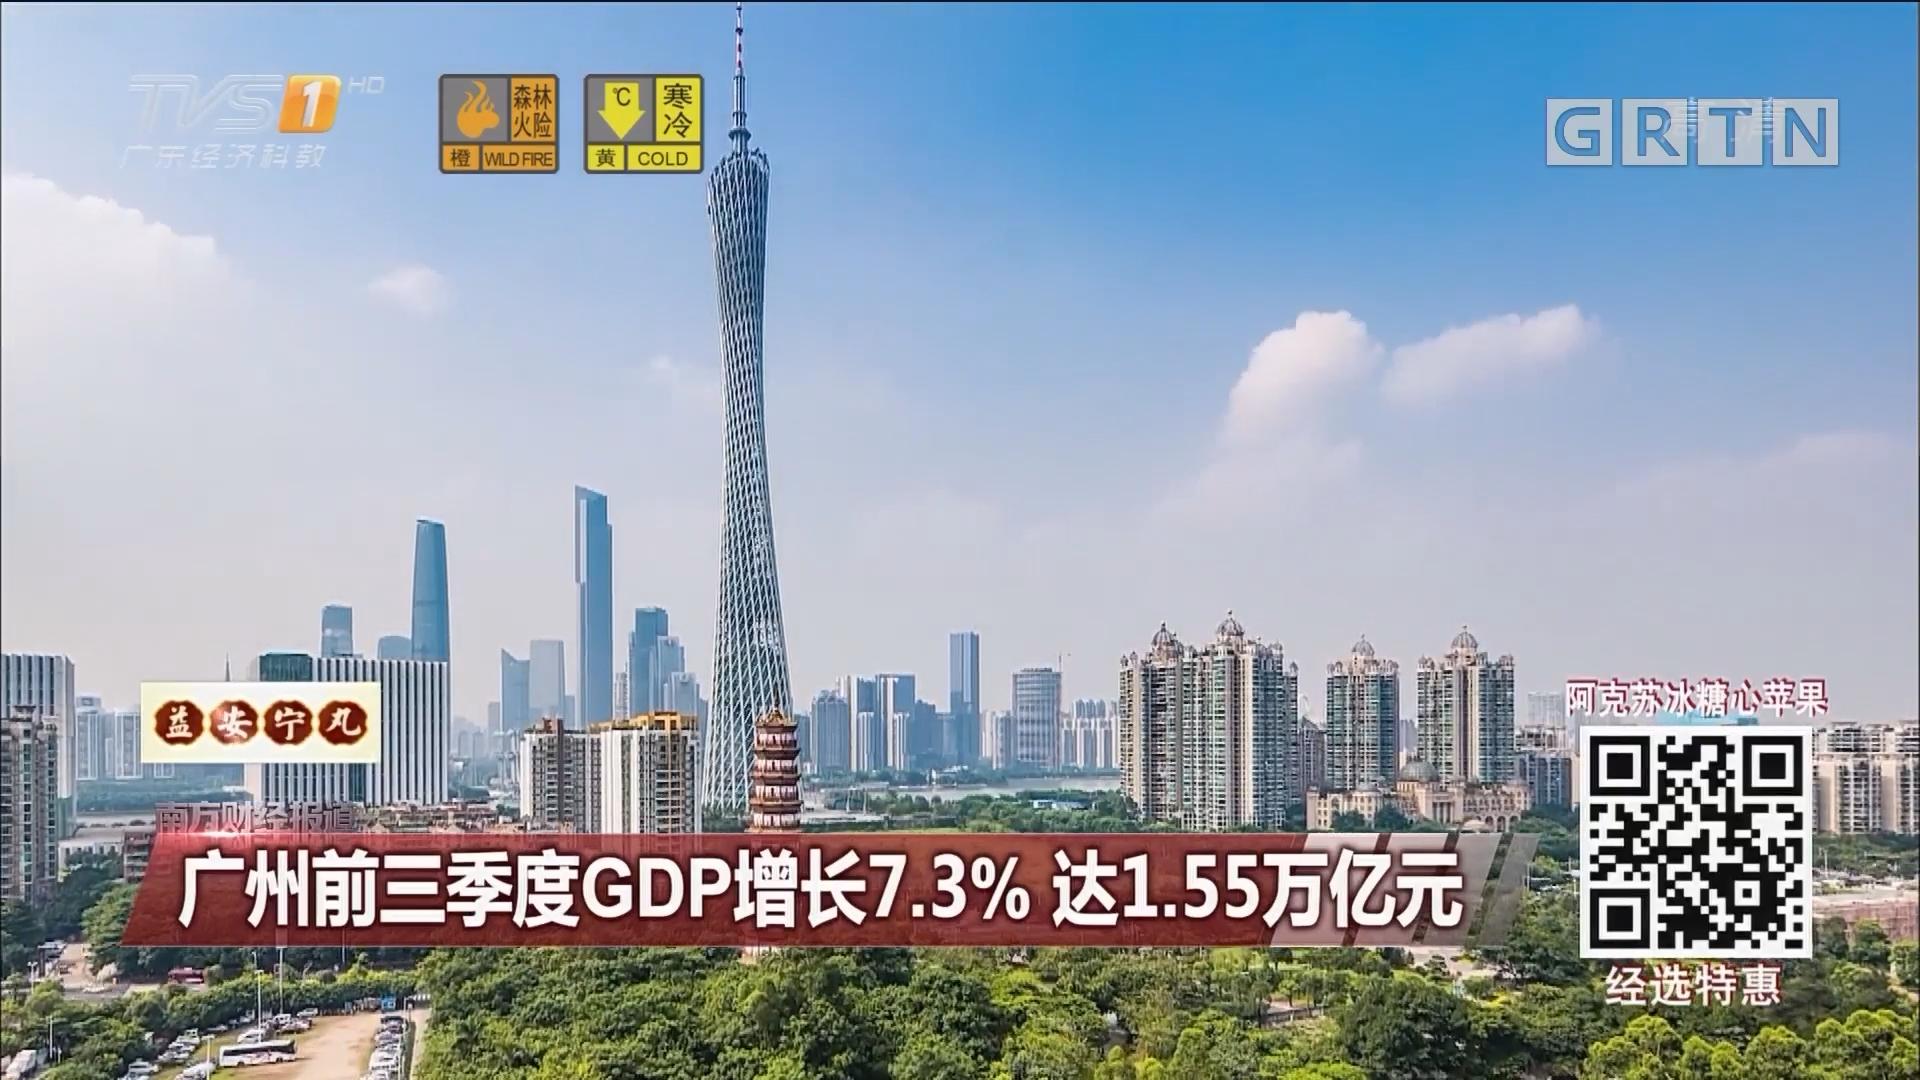 广州前三季度GDP增长7.3% 达1.55万亿元